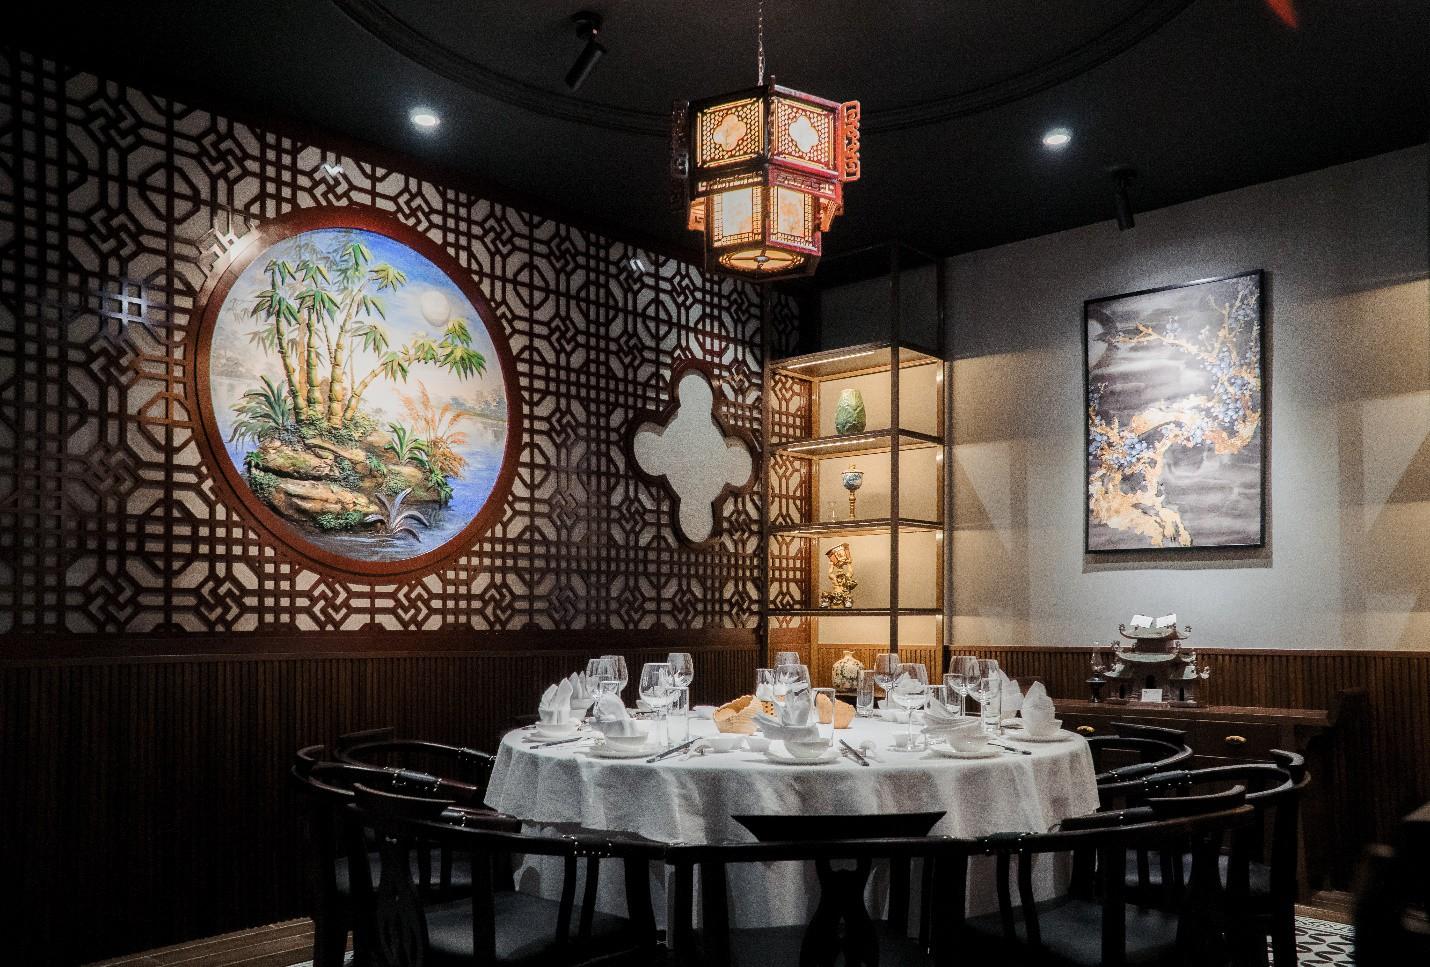 Nhà hàng Qi – Mang các món ăn Quảng Đông truyền thống đến với tương lai - Ảnh 2.